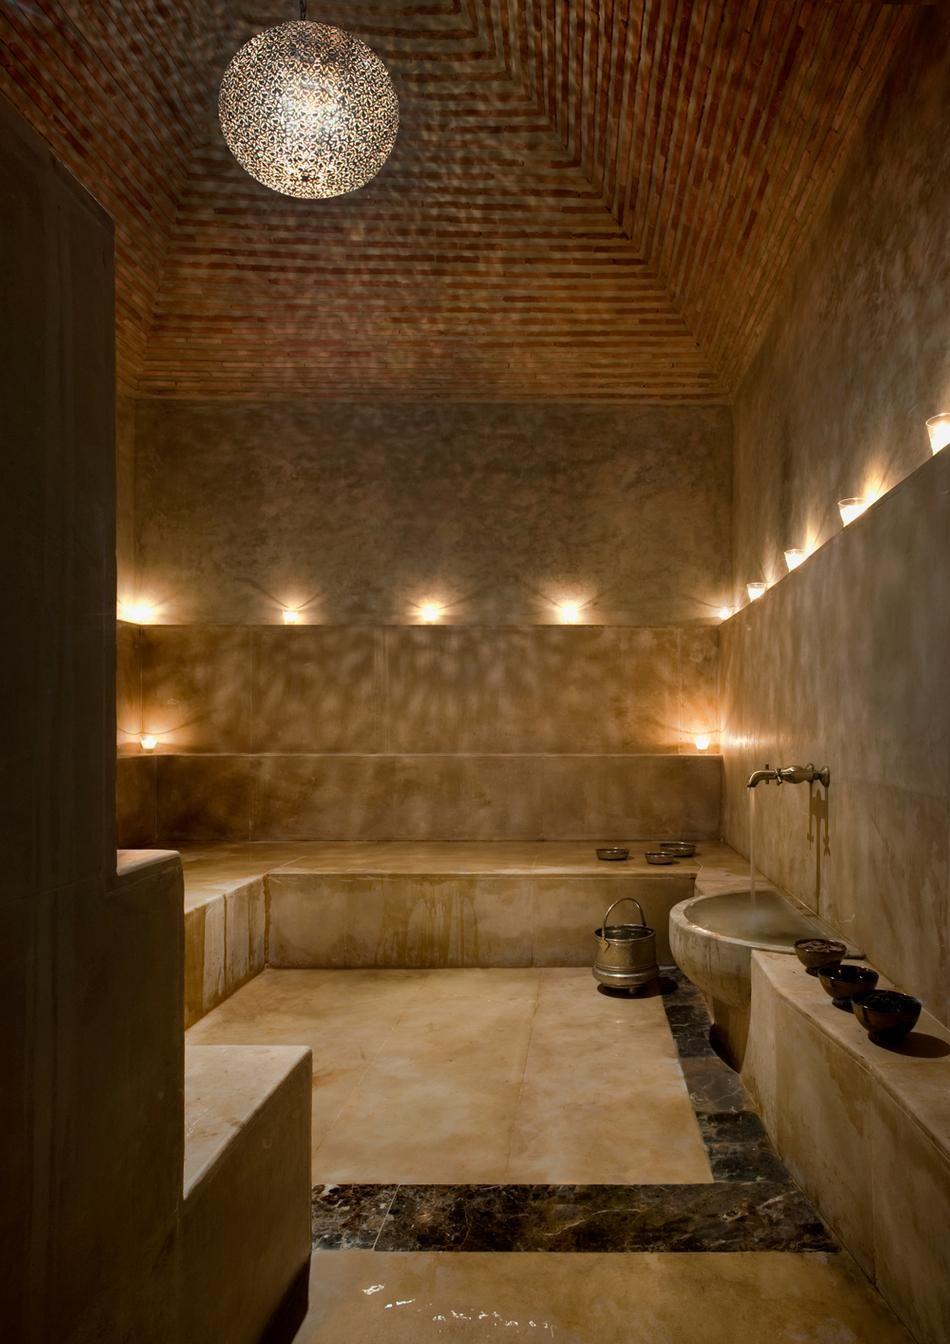 Hammam | Hammam | Salle de bain spa, Hammam maison et Hammam